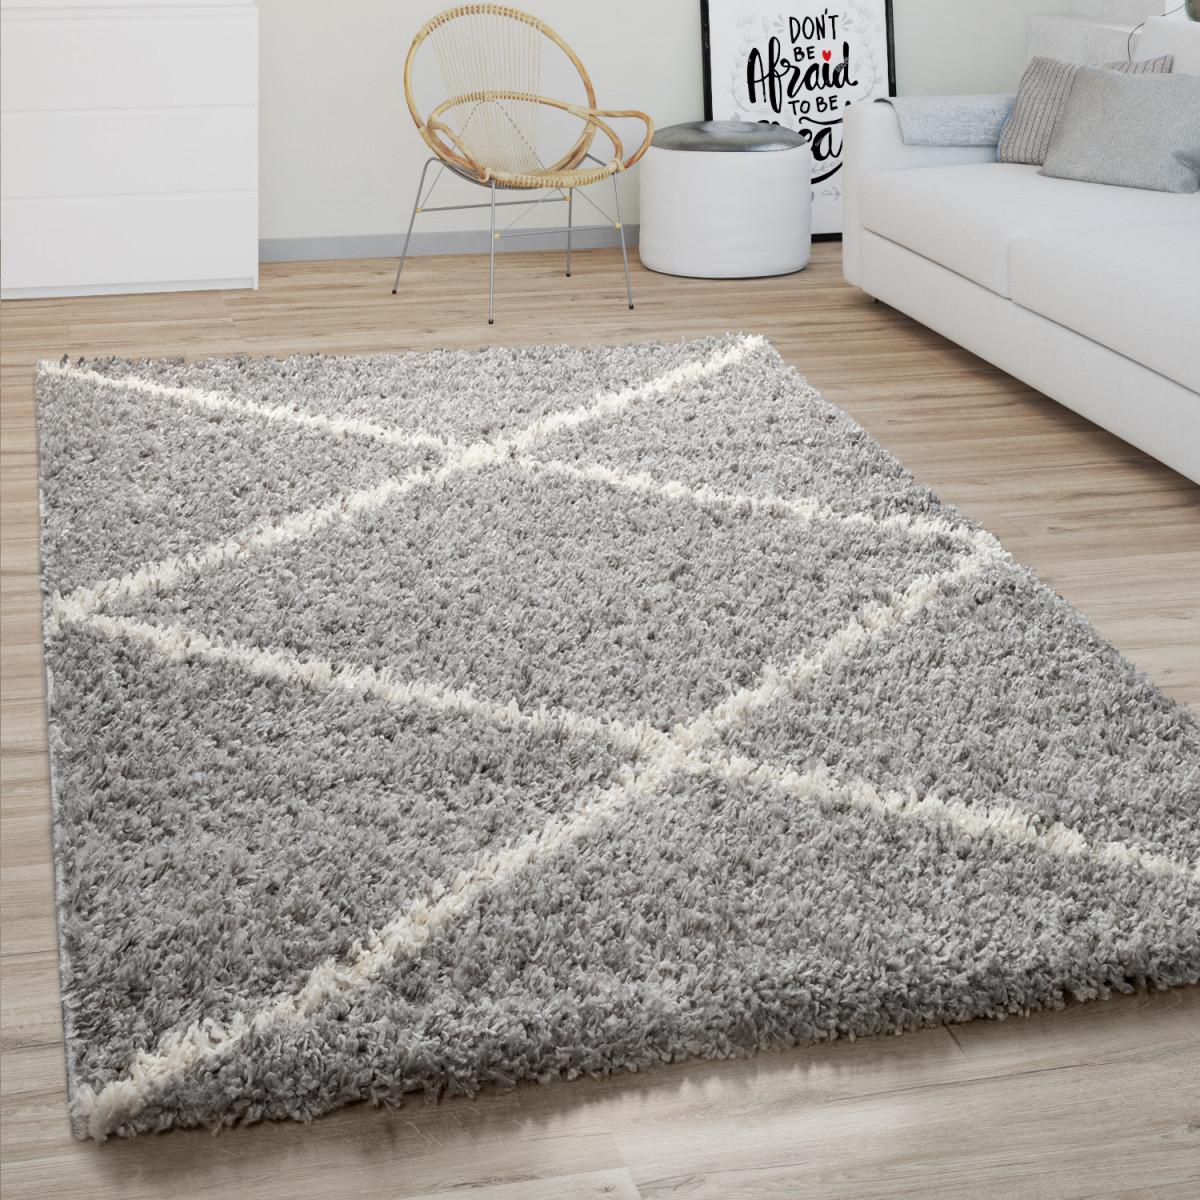 Hochflor Teppich Wohnzimmer Shaggy Skandinavisches Rauten Muster Modern In  Grau von Teppich Wohnzimmer Modern Photo